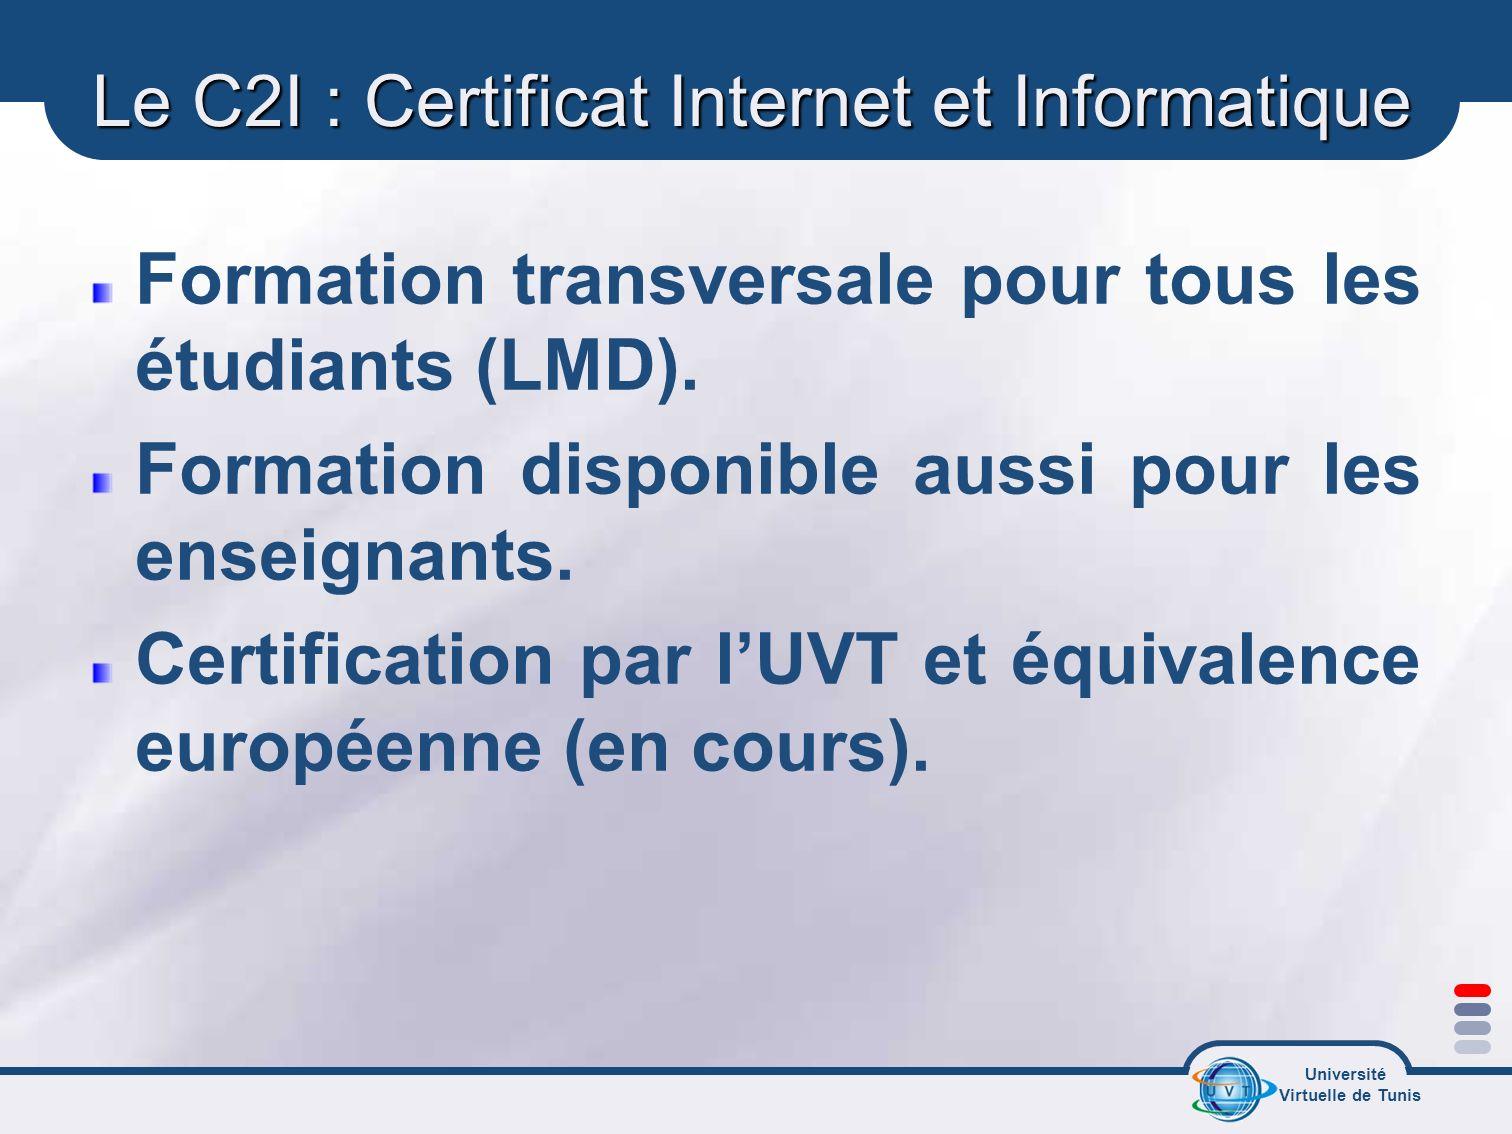 Le C2I : Certificat Internet et Informatique